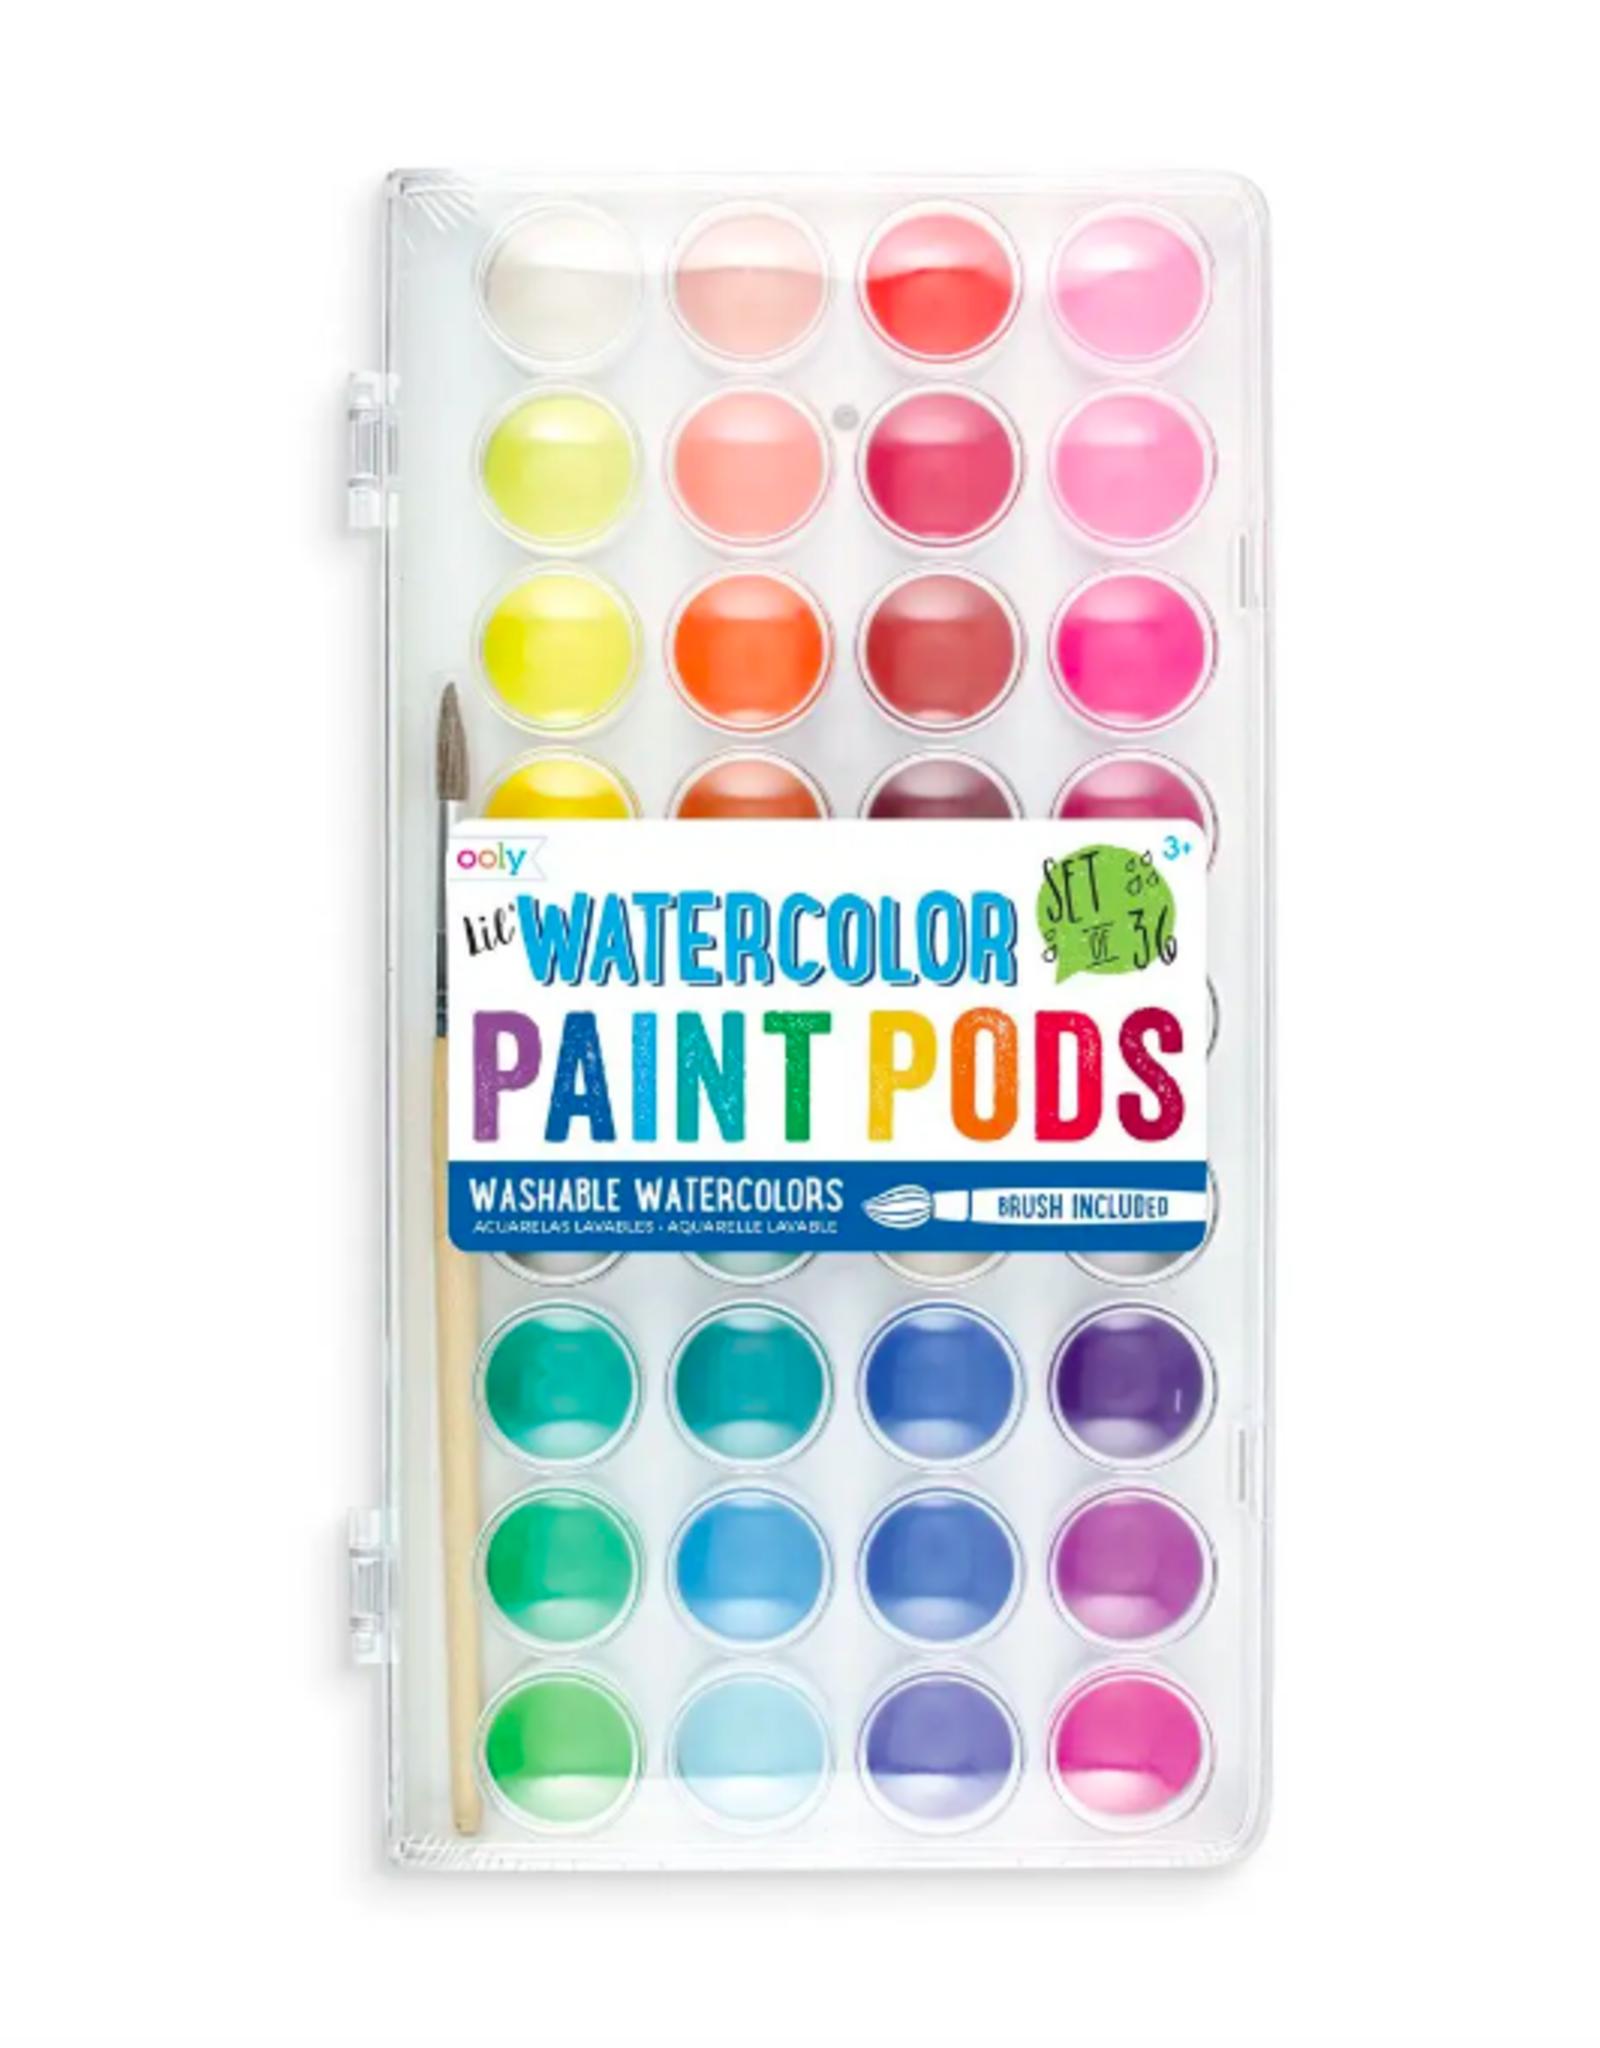 Lil' Paint Pods Watercolor Paint